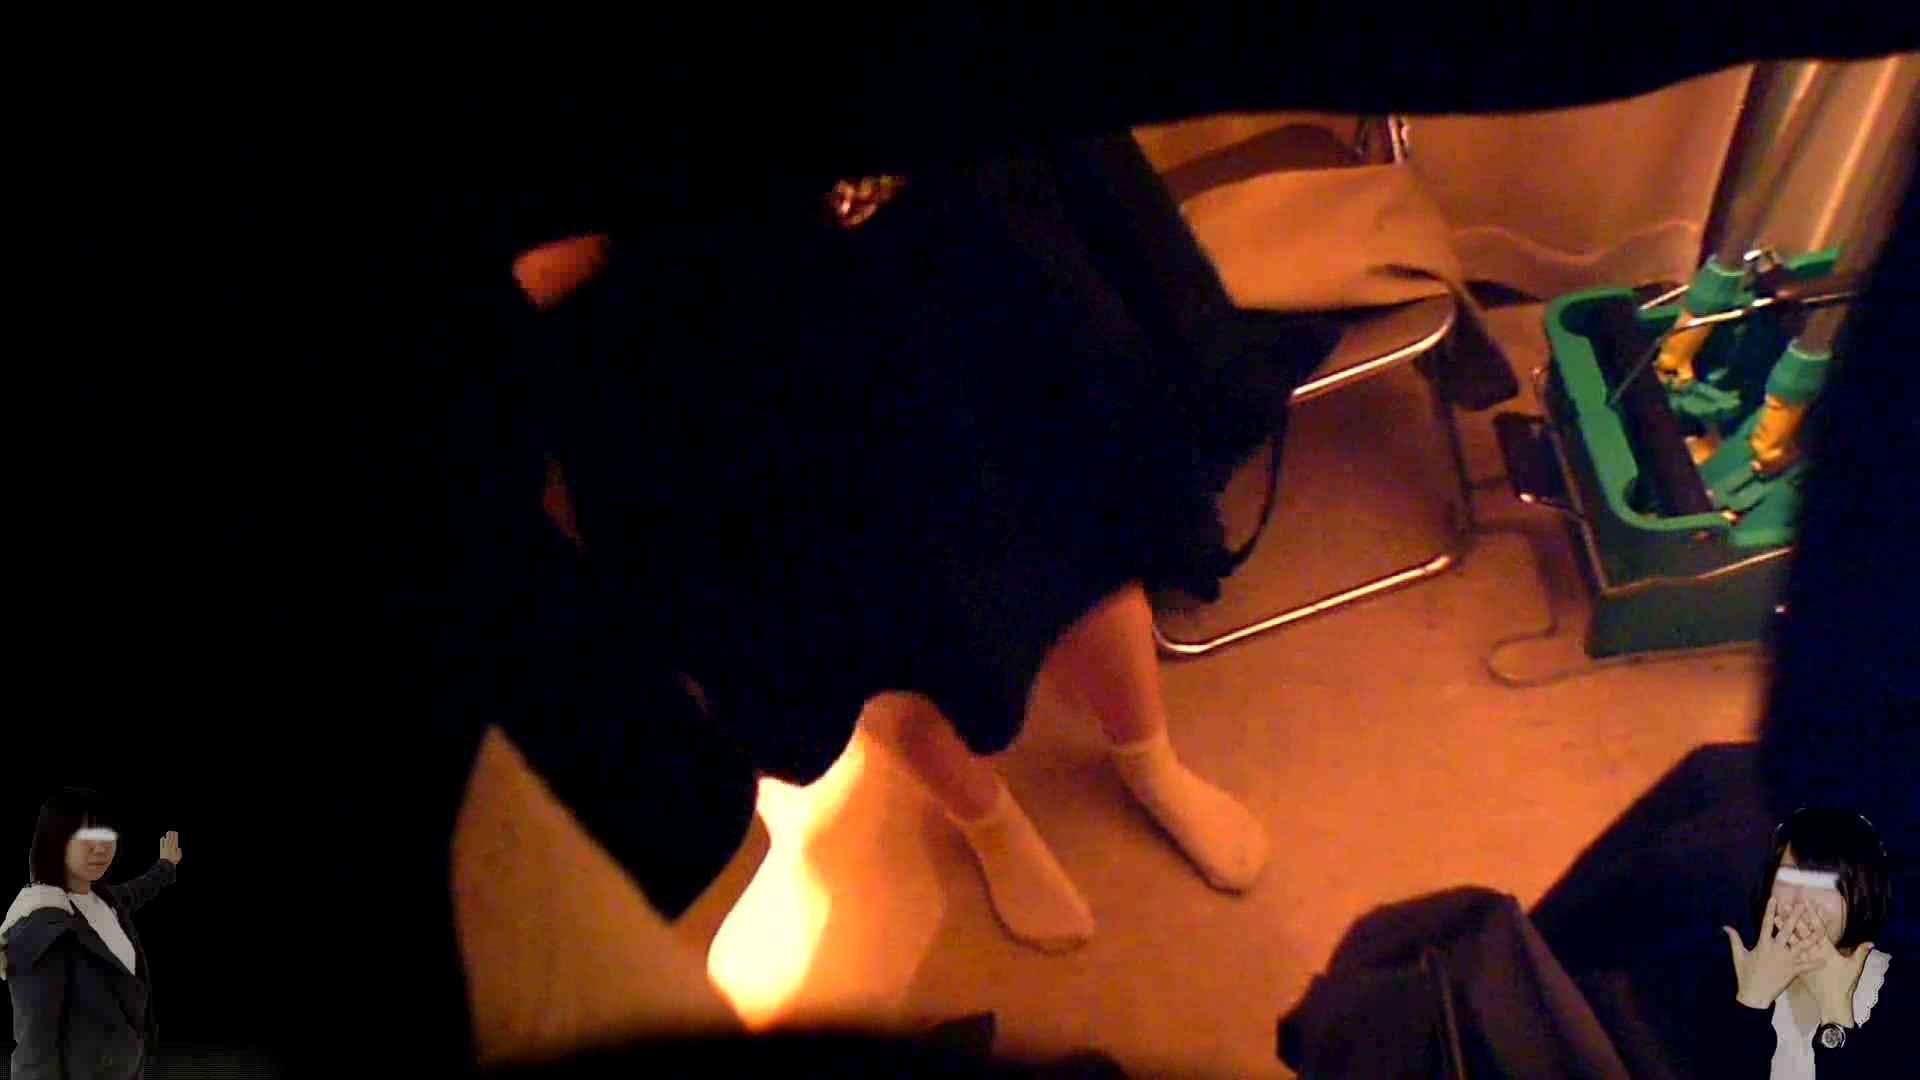 素人投稿 現役「JD」Eちゃんの着替え Vol.04 女子着替え | 投稿  65pic 50